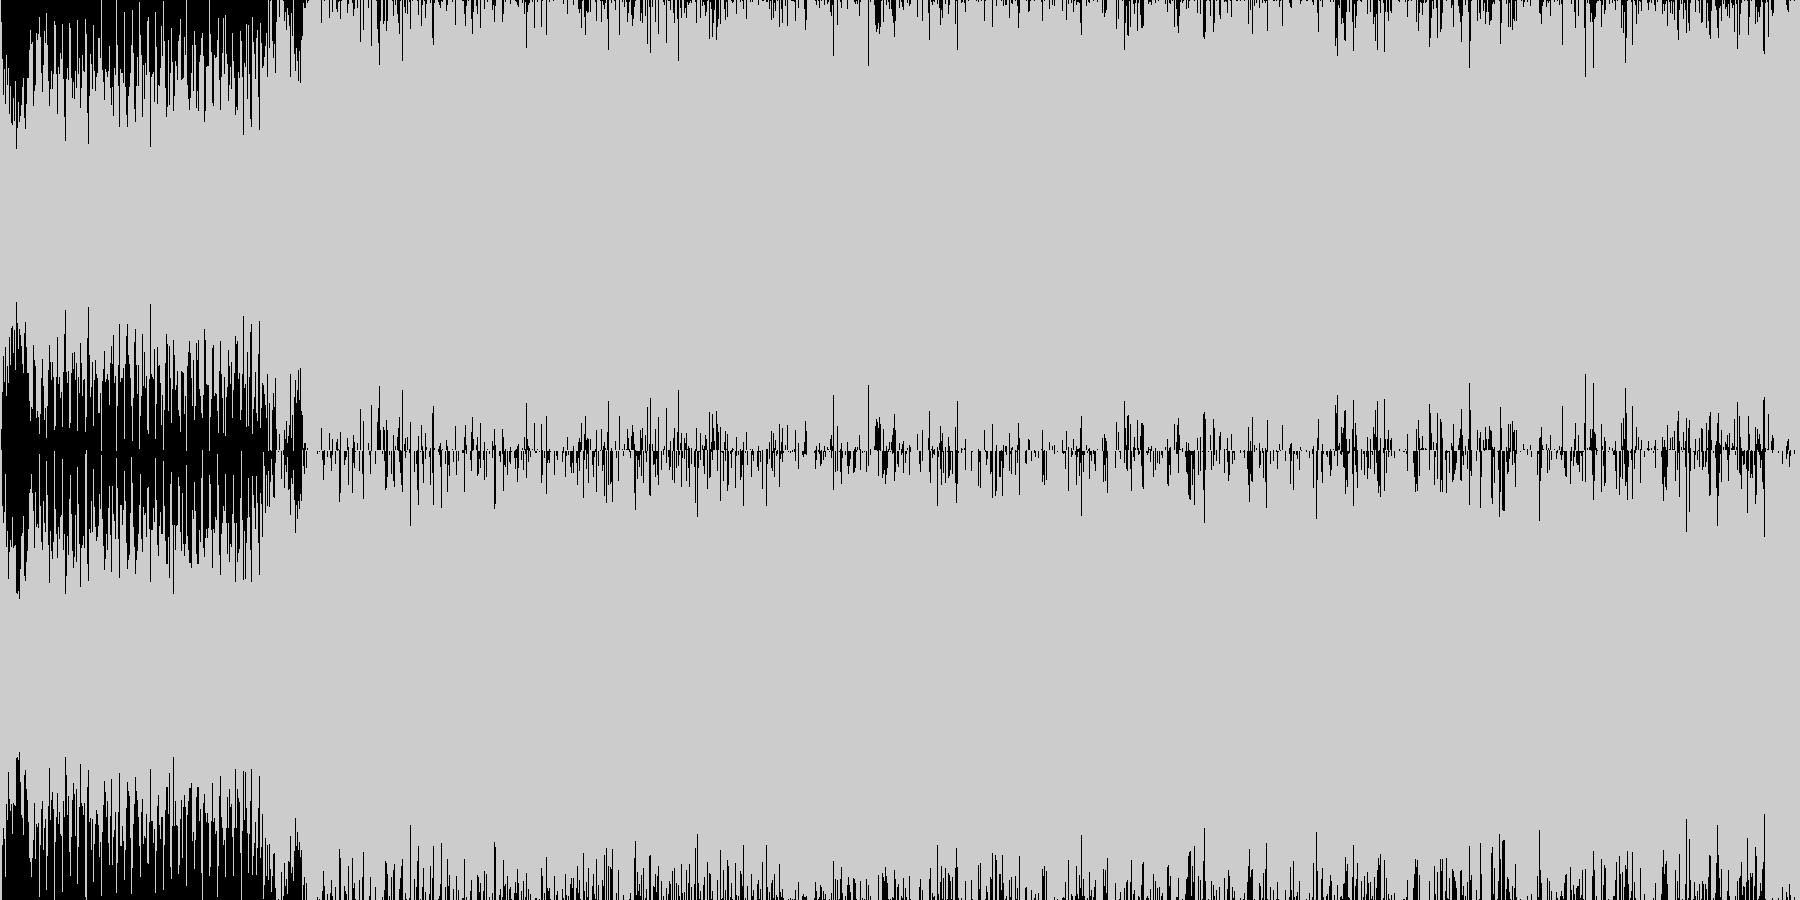 魔法戦士の戦いのファンファーレループの未再生の波形